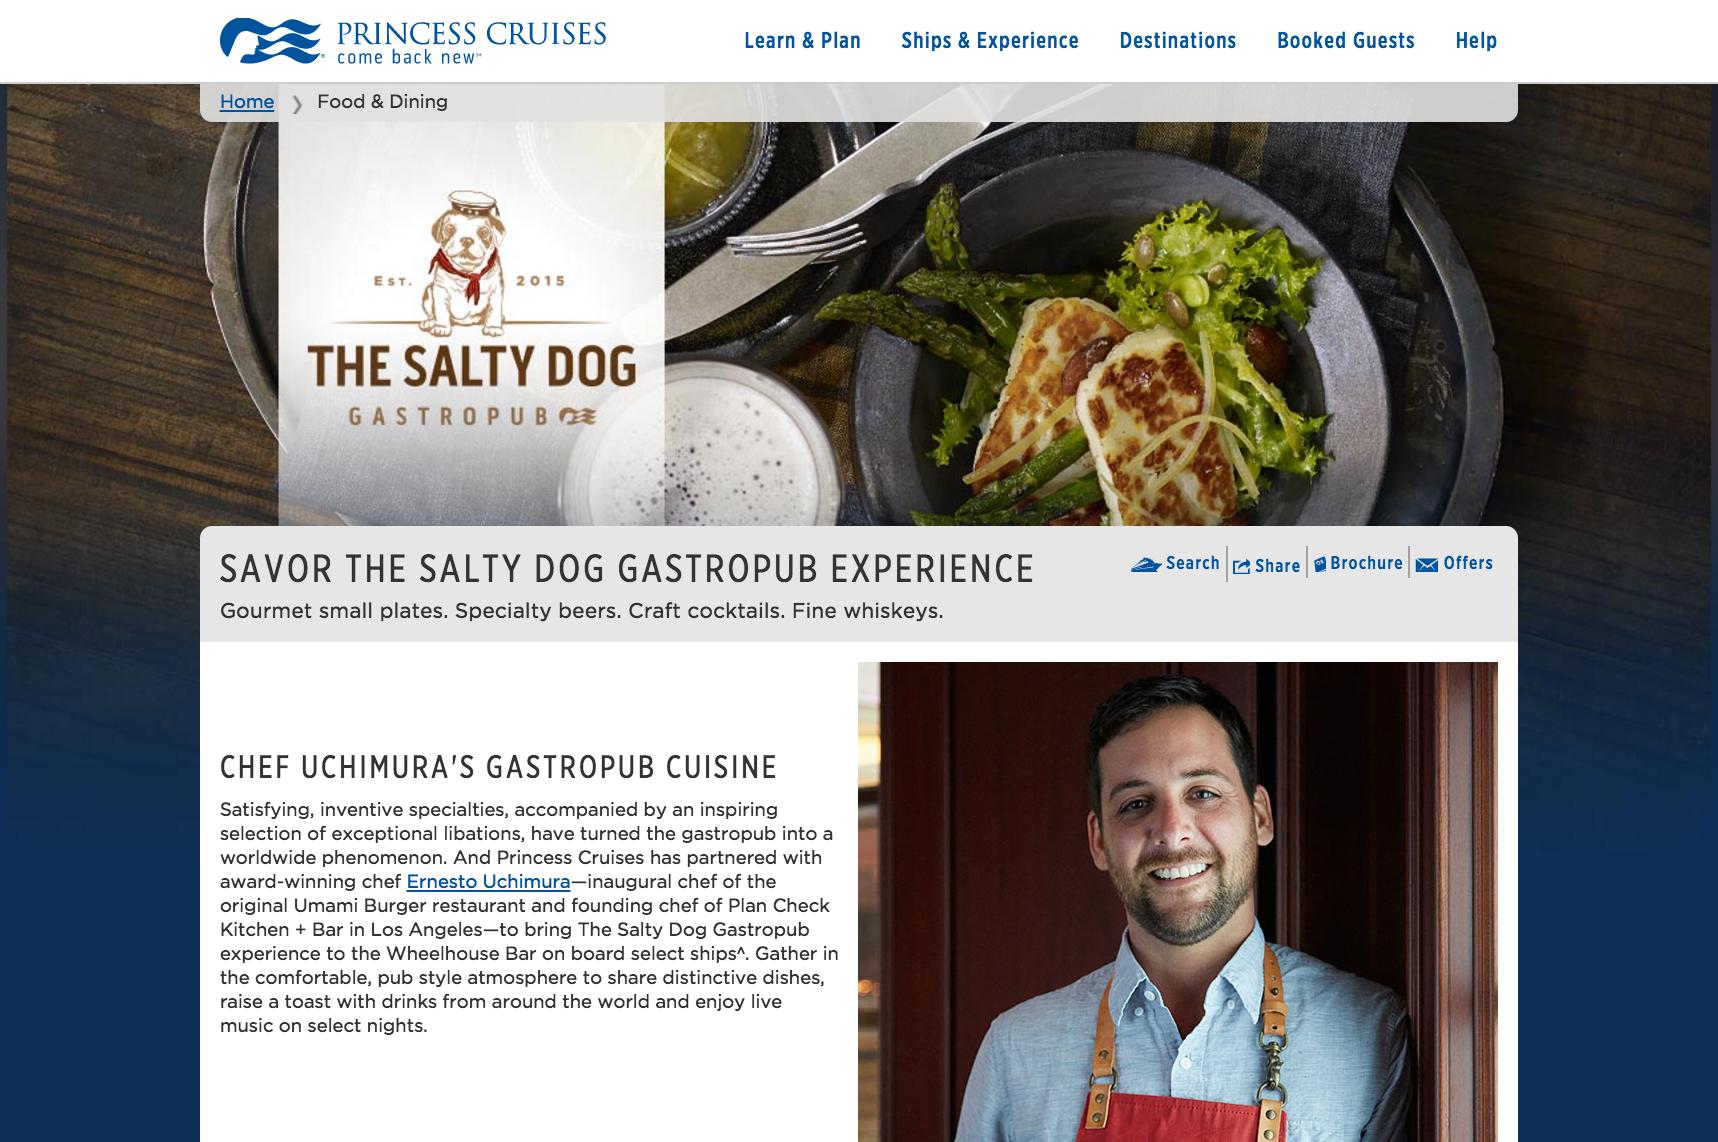 The Salty Dog Gastropub